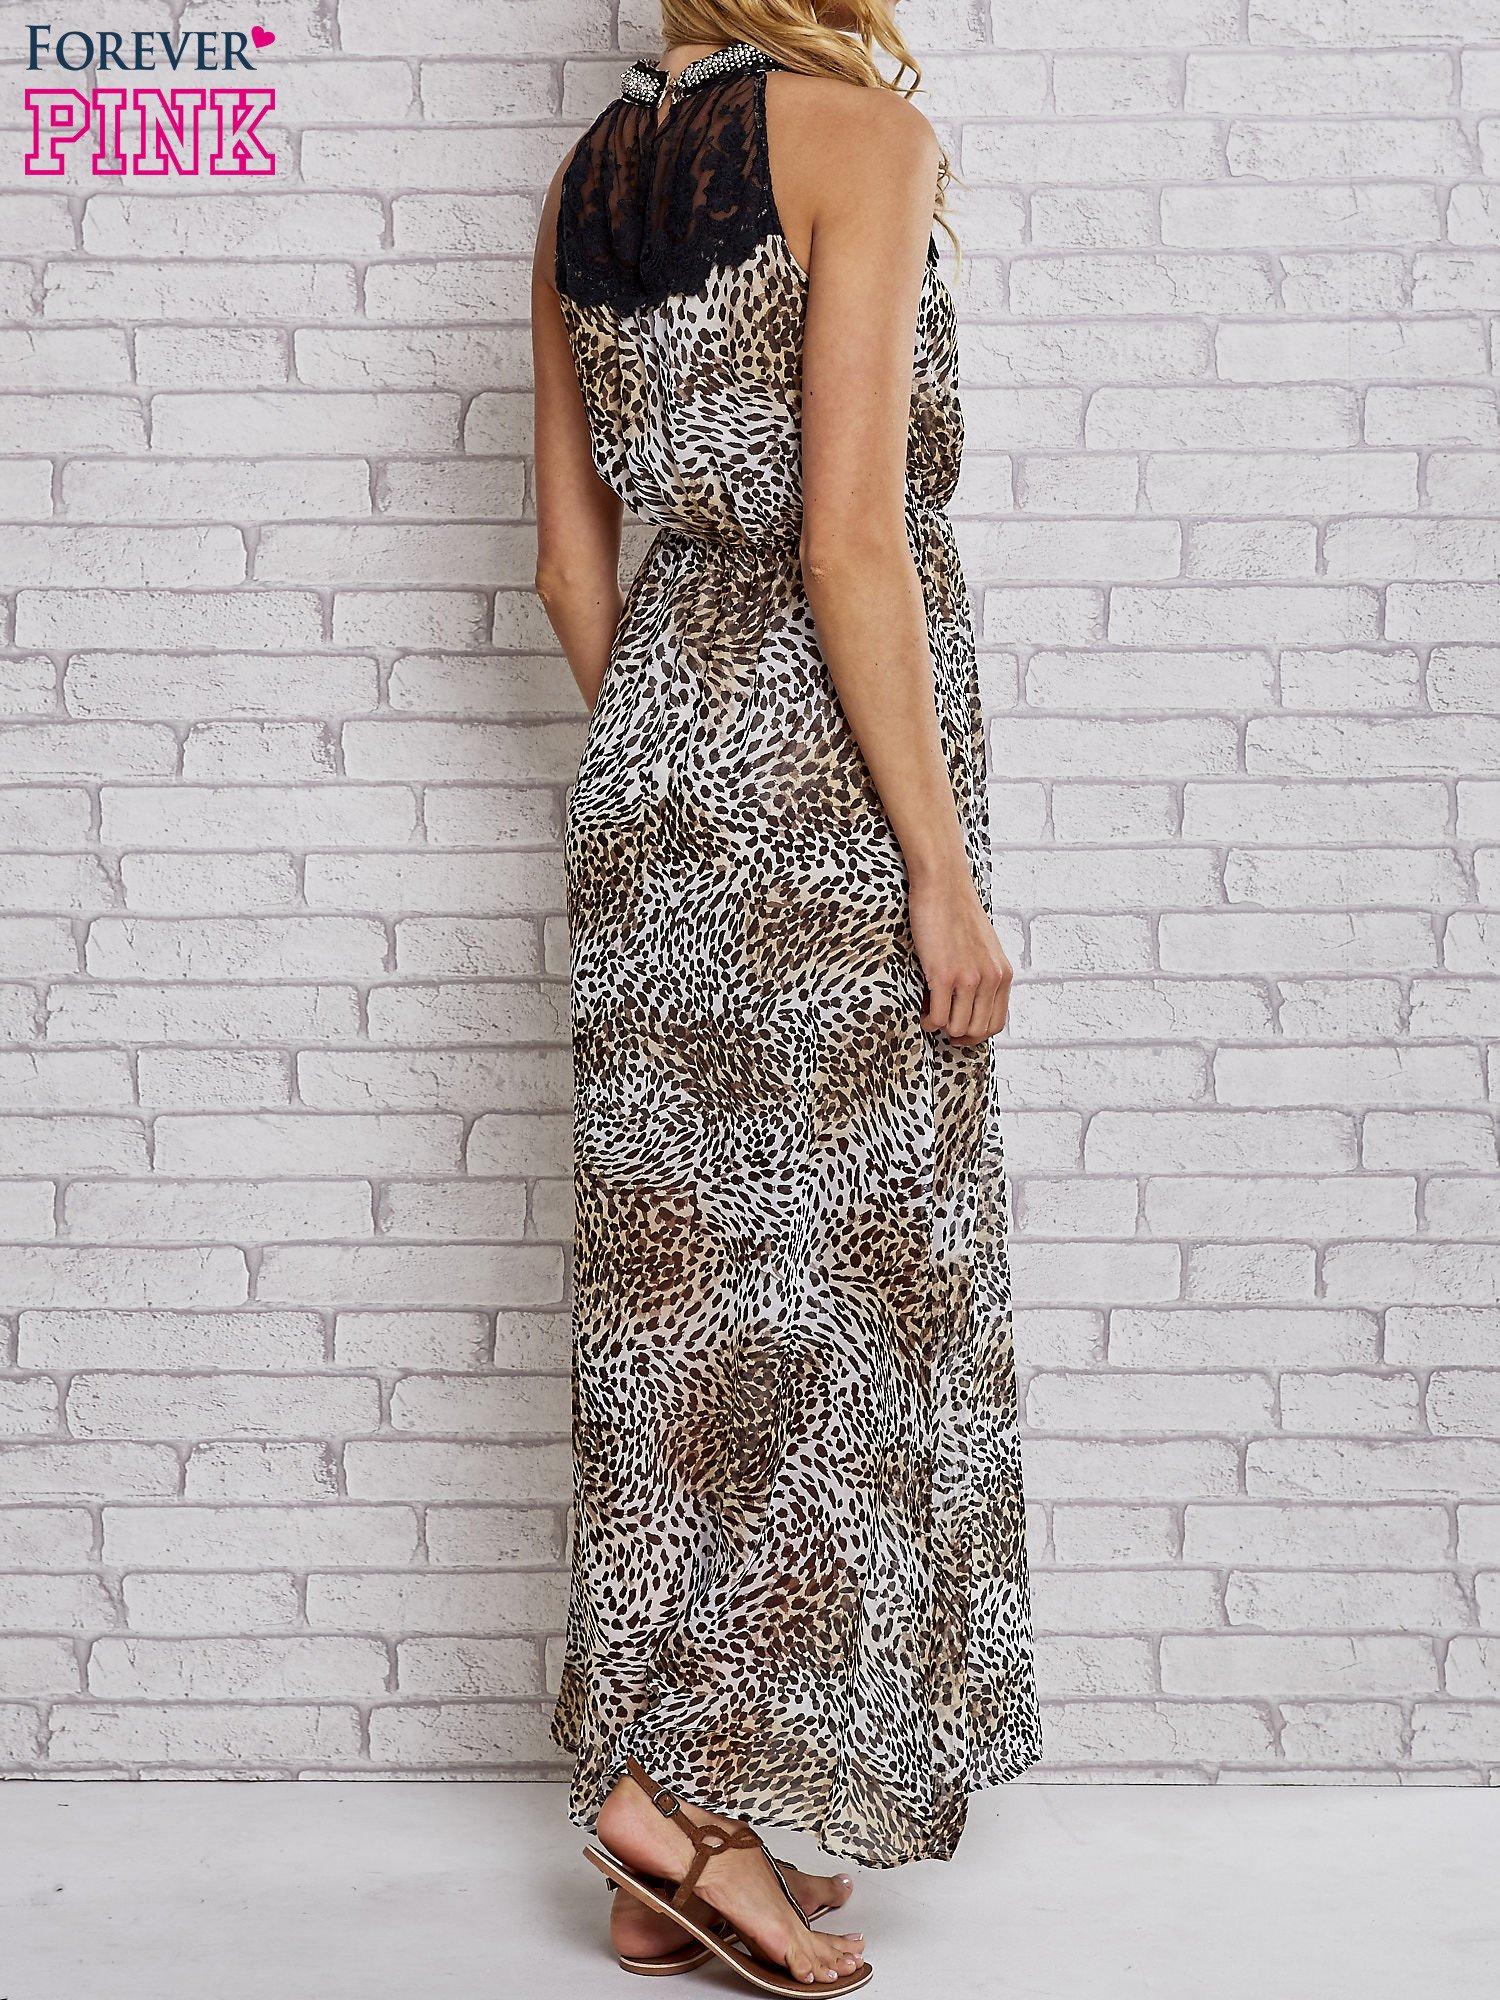 Panterkowa sukienka maxi z koronkowym półgolfem                                  zdj.                                  2